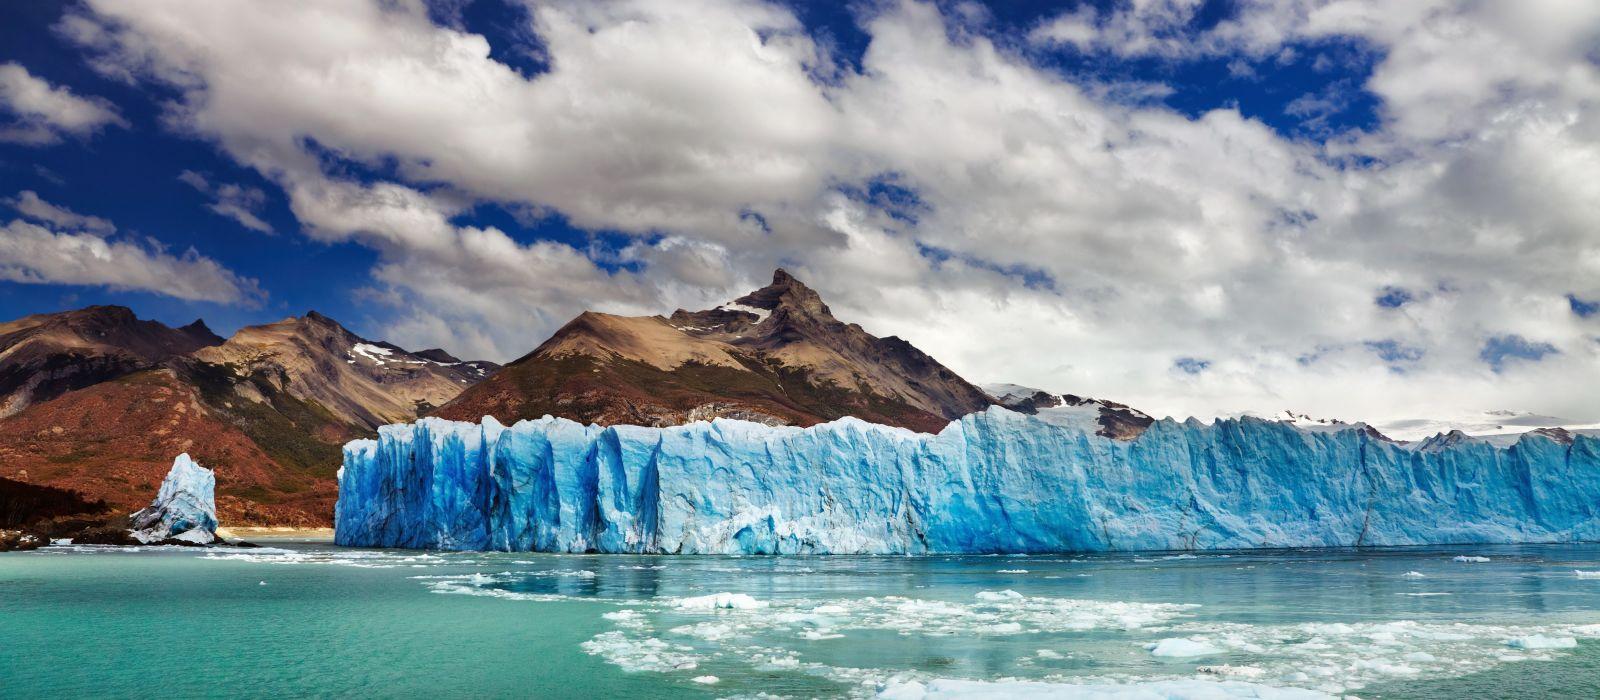 Argentinien – Die Epik Südpatagoniens Urlaub 3